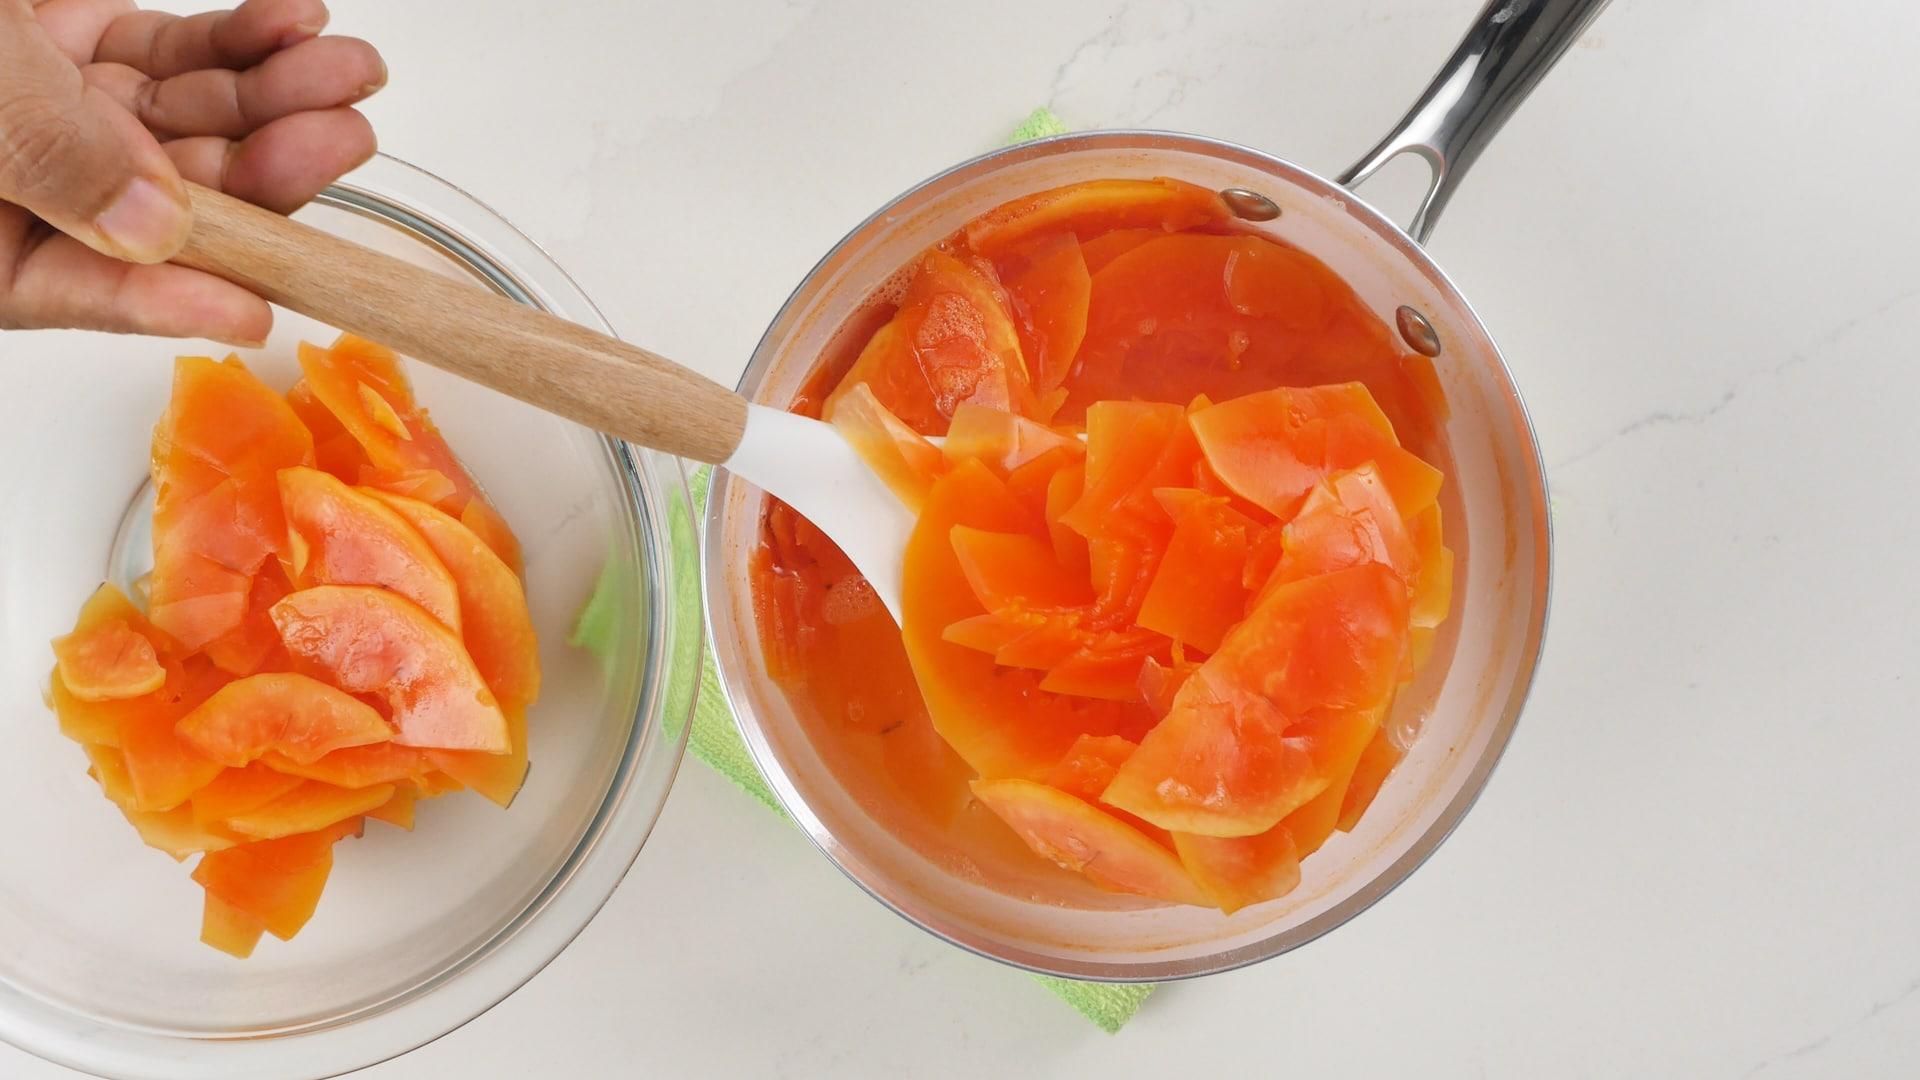 Rinsing papaya